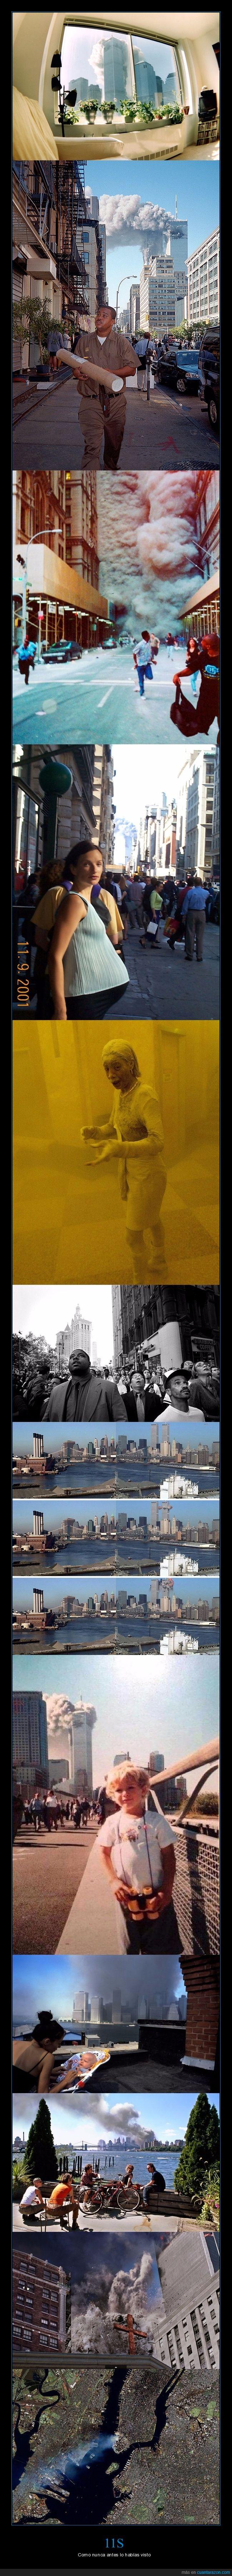 11s,nyc,once de septiembre,torres gemelas